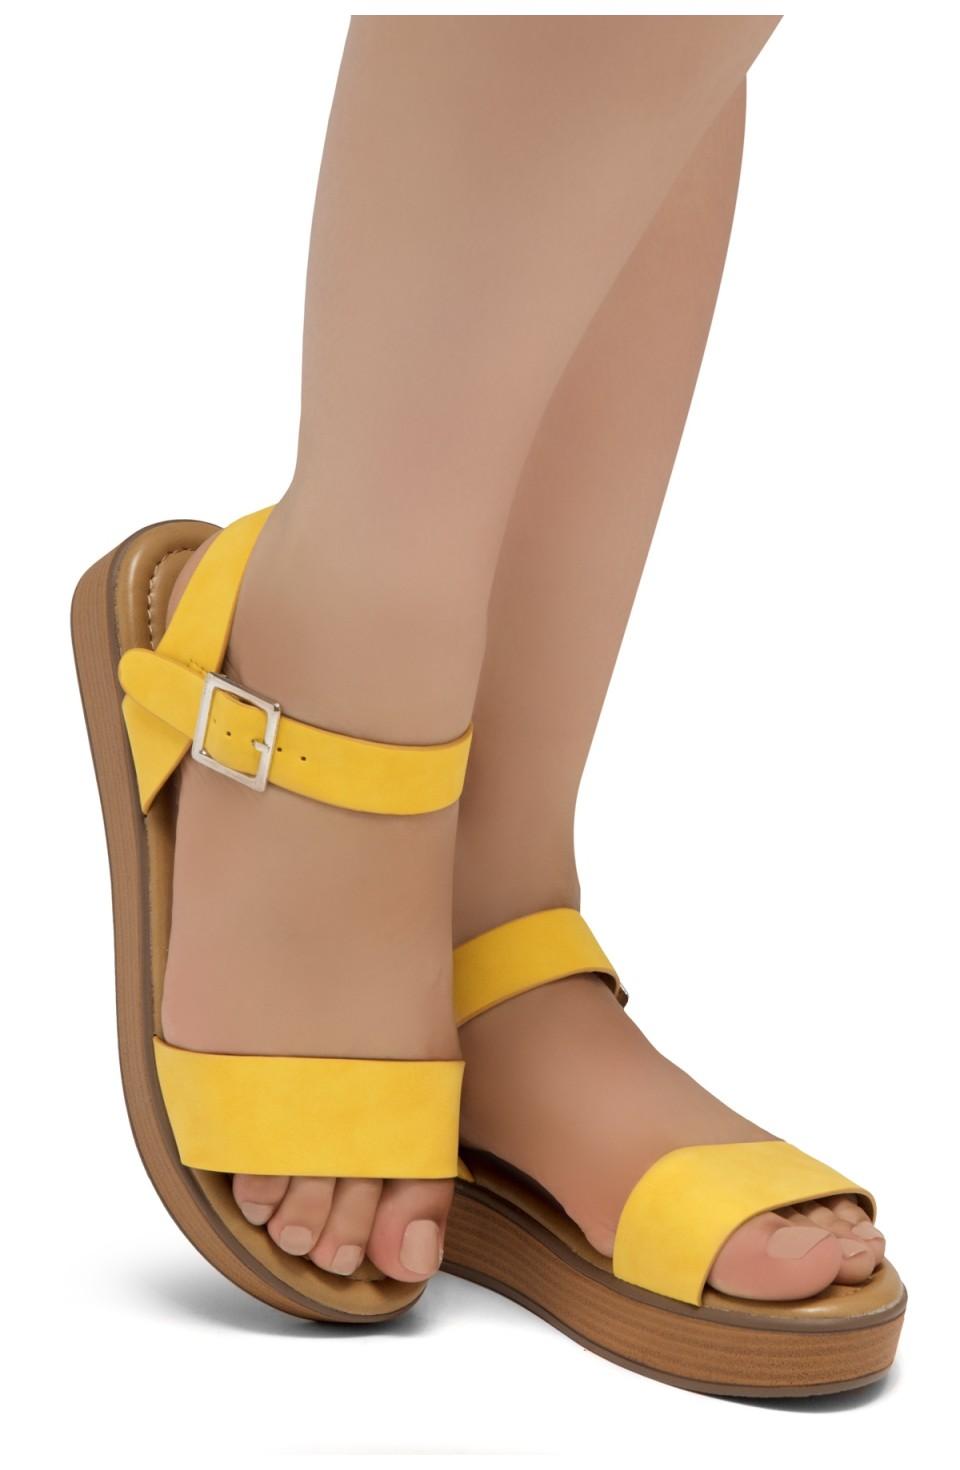 Herstyle Carli-Women's Platform Sandal Open Toe (Yellow)